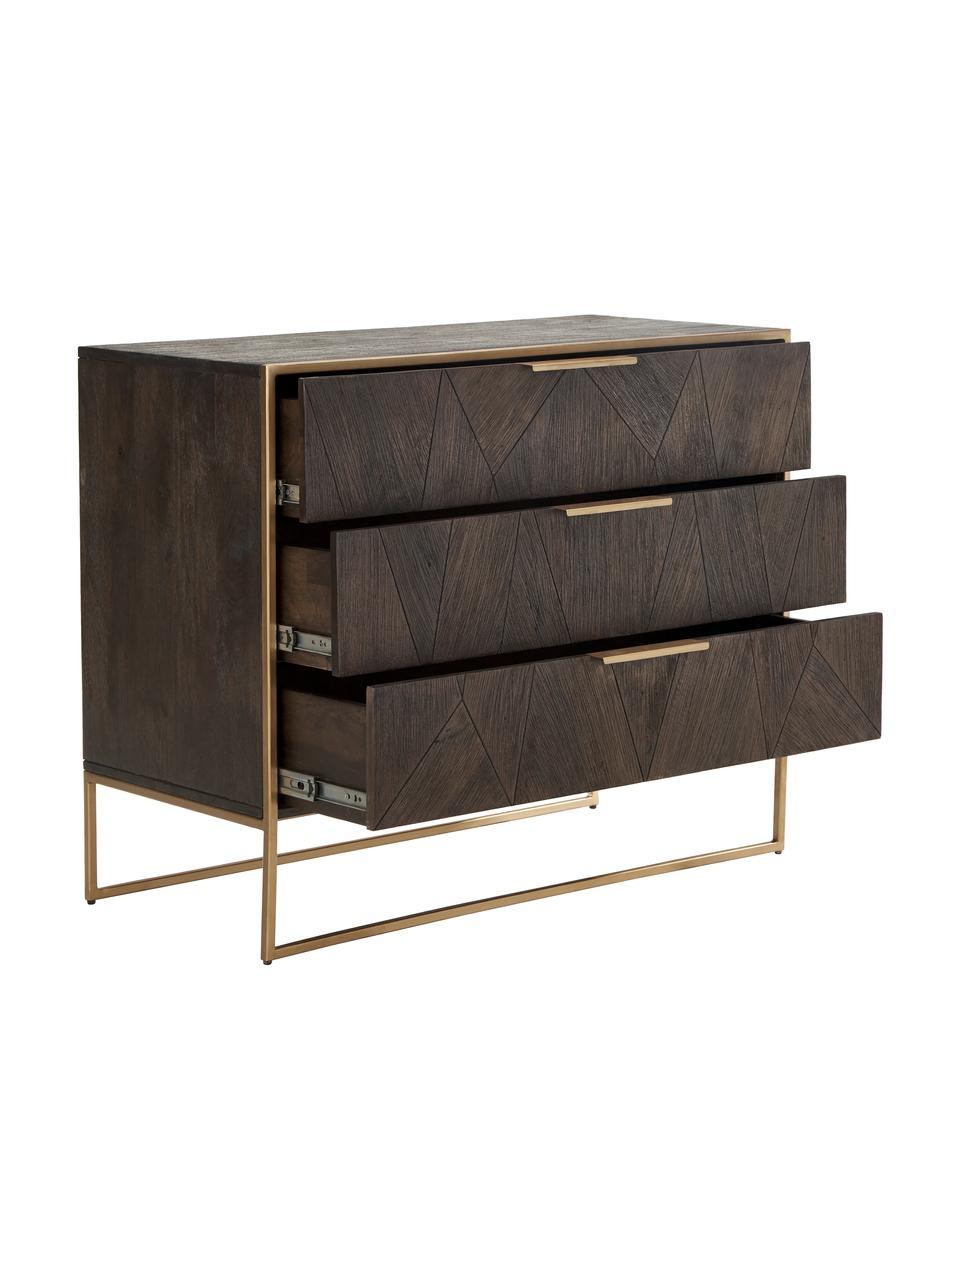 Szafka z szufladami z litego drewna Harry, Korpus: lite drewno mangowe, laki, Drewno mangowe, S 100 x W 80 cm